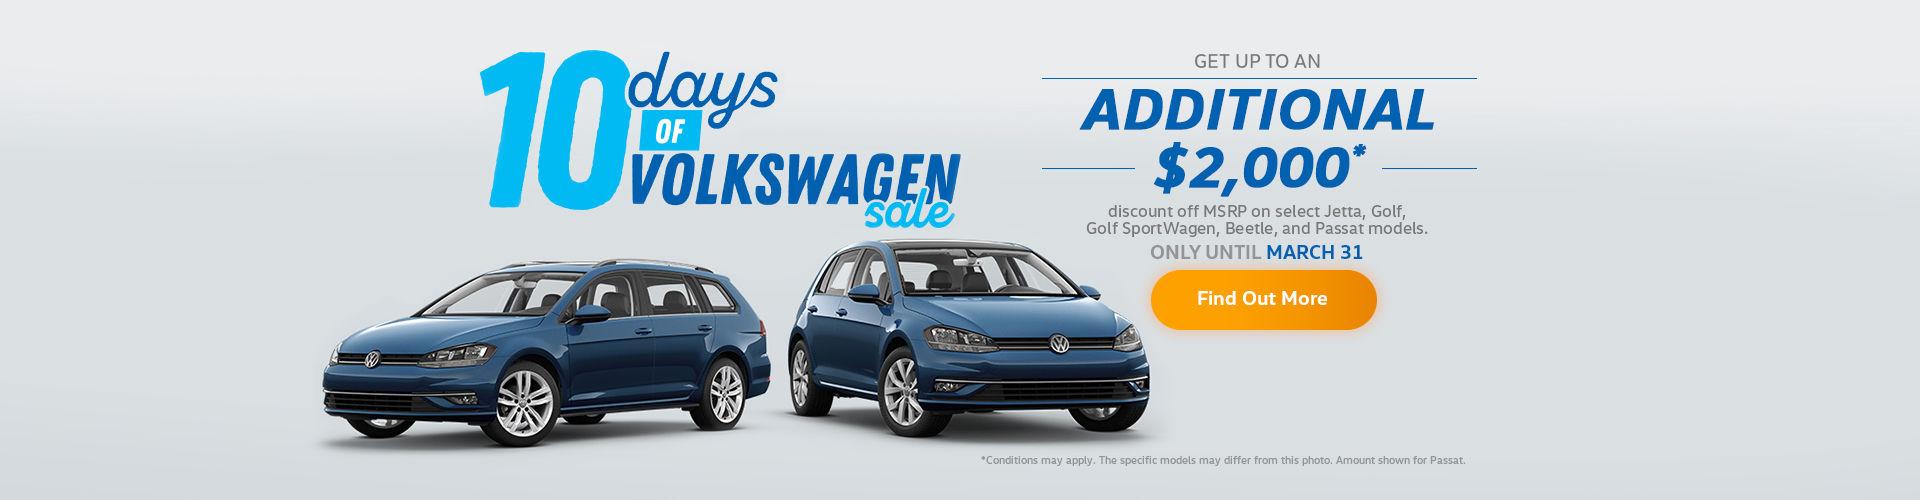 10 Days of Volkswagen